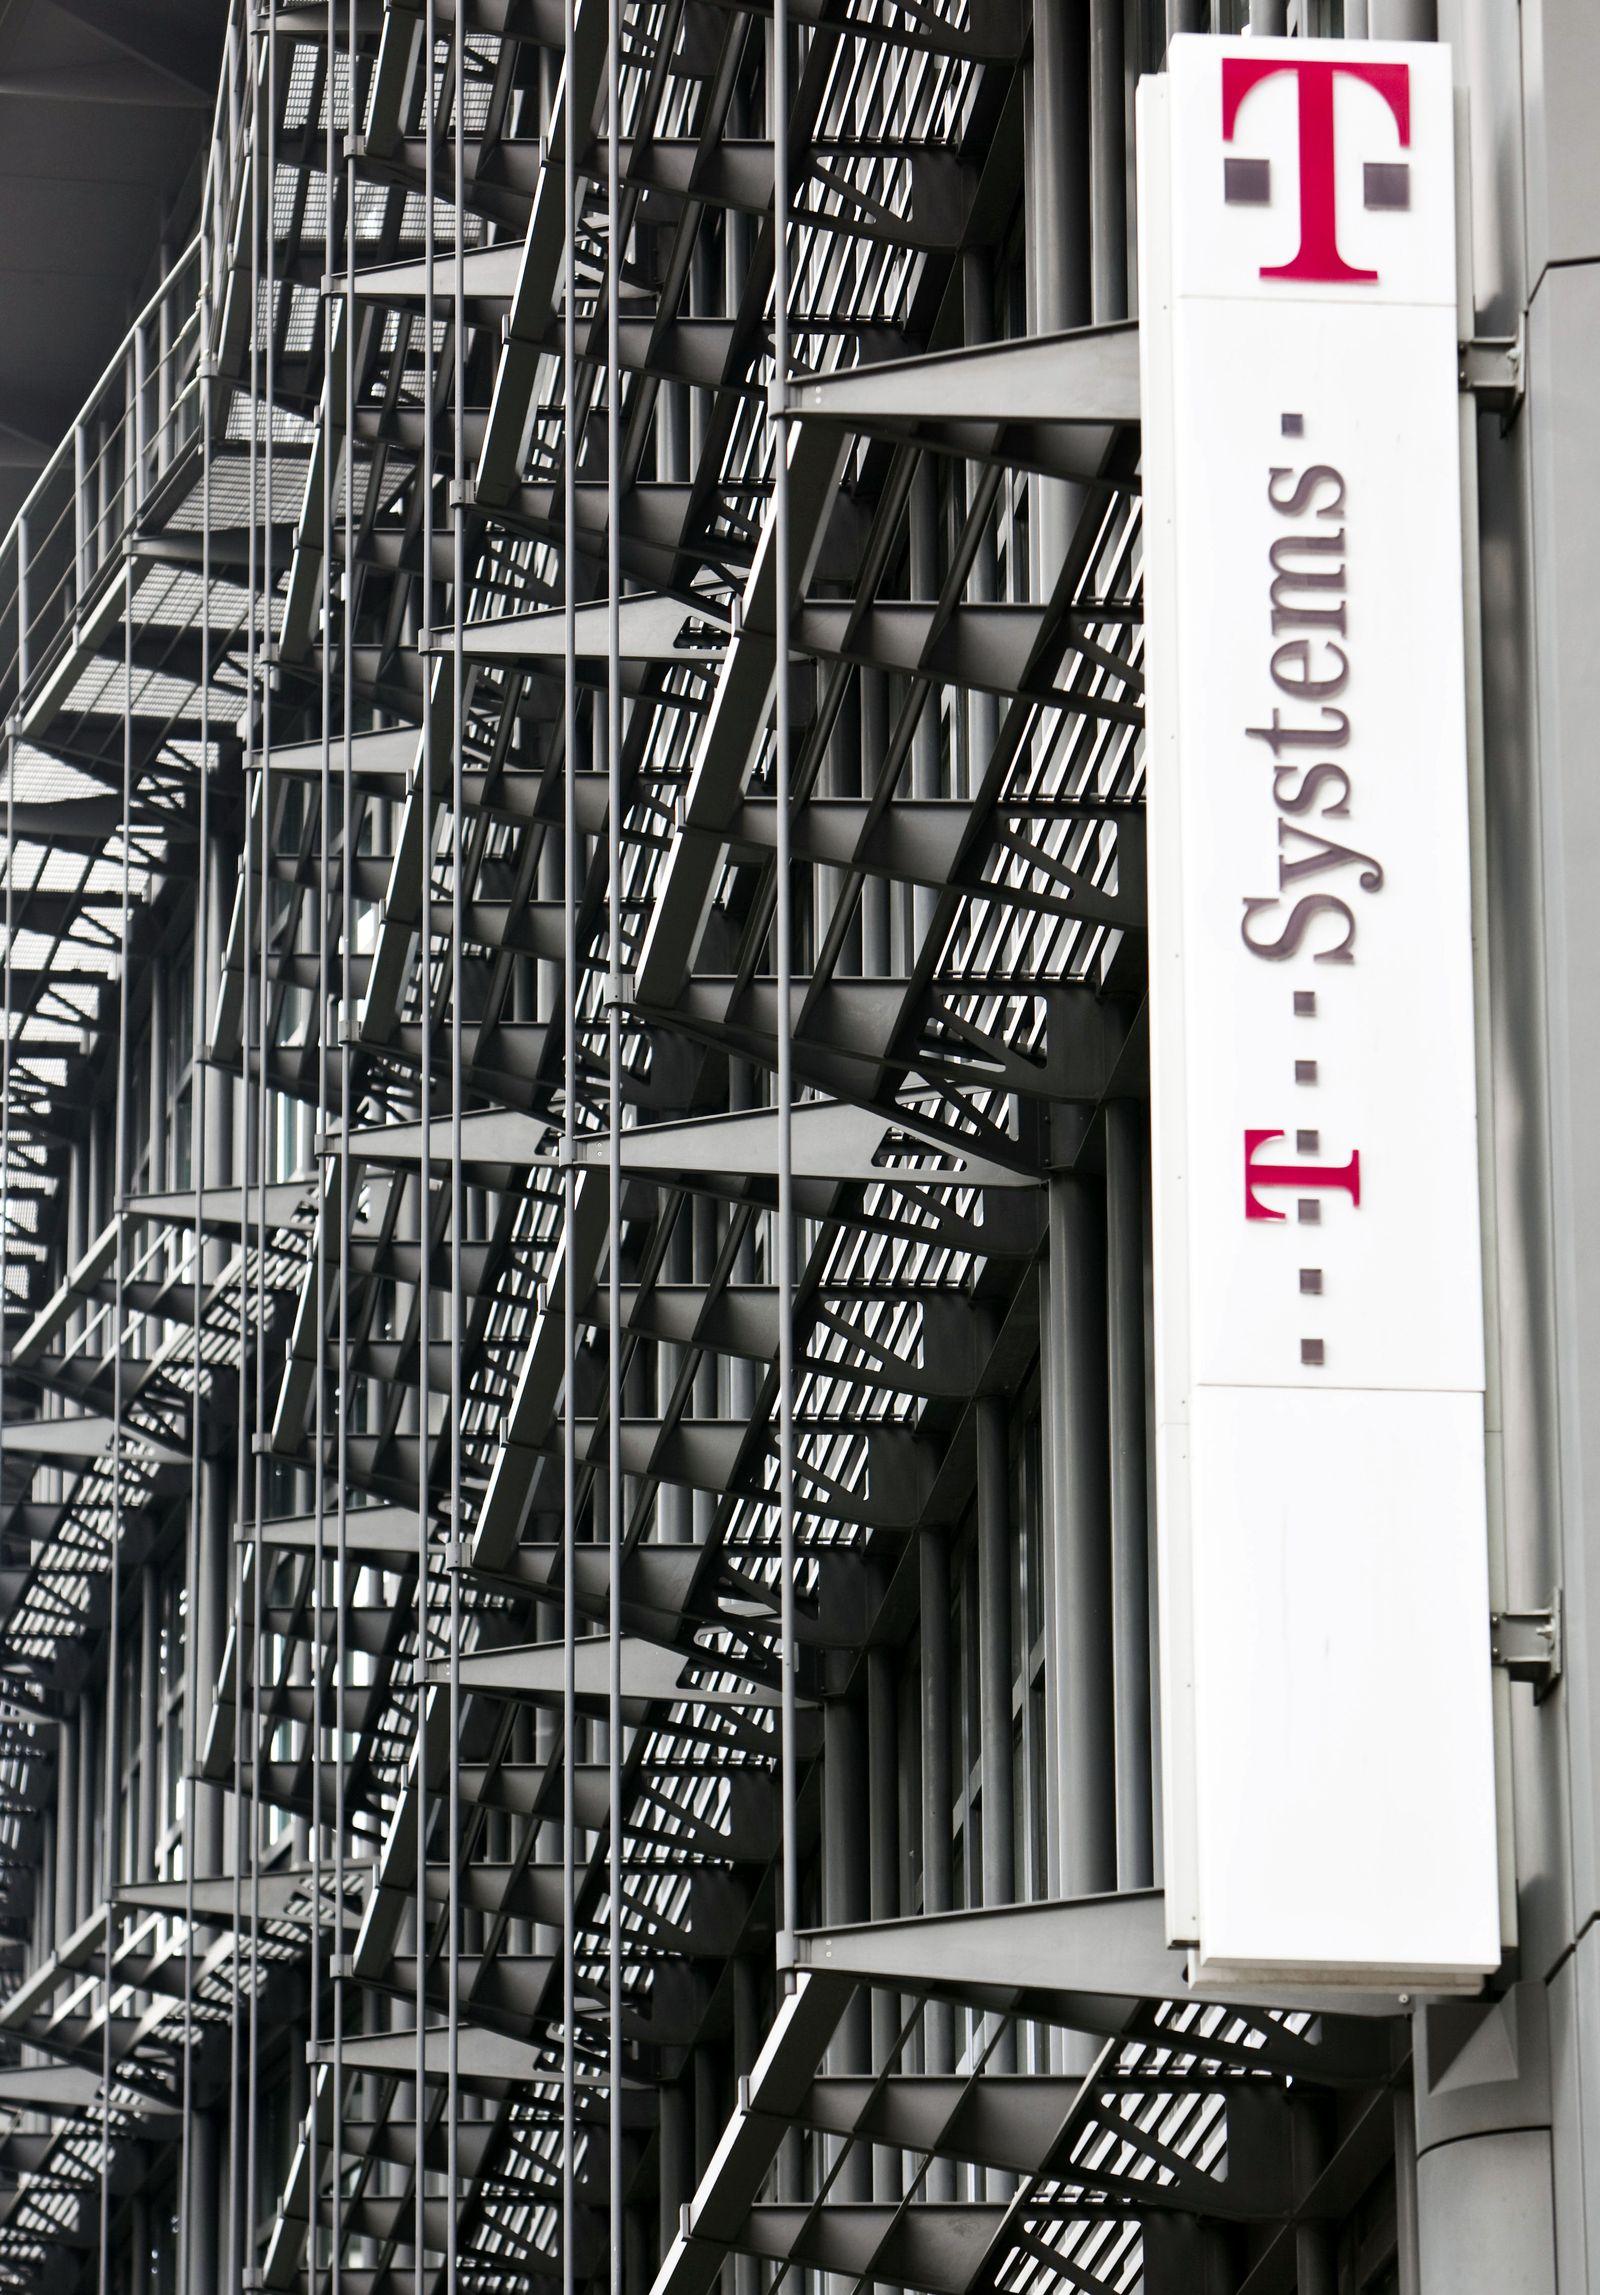 Zentrale von T-Systems in Frankfurt am Main / Telekom